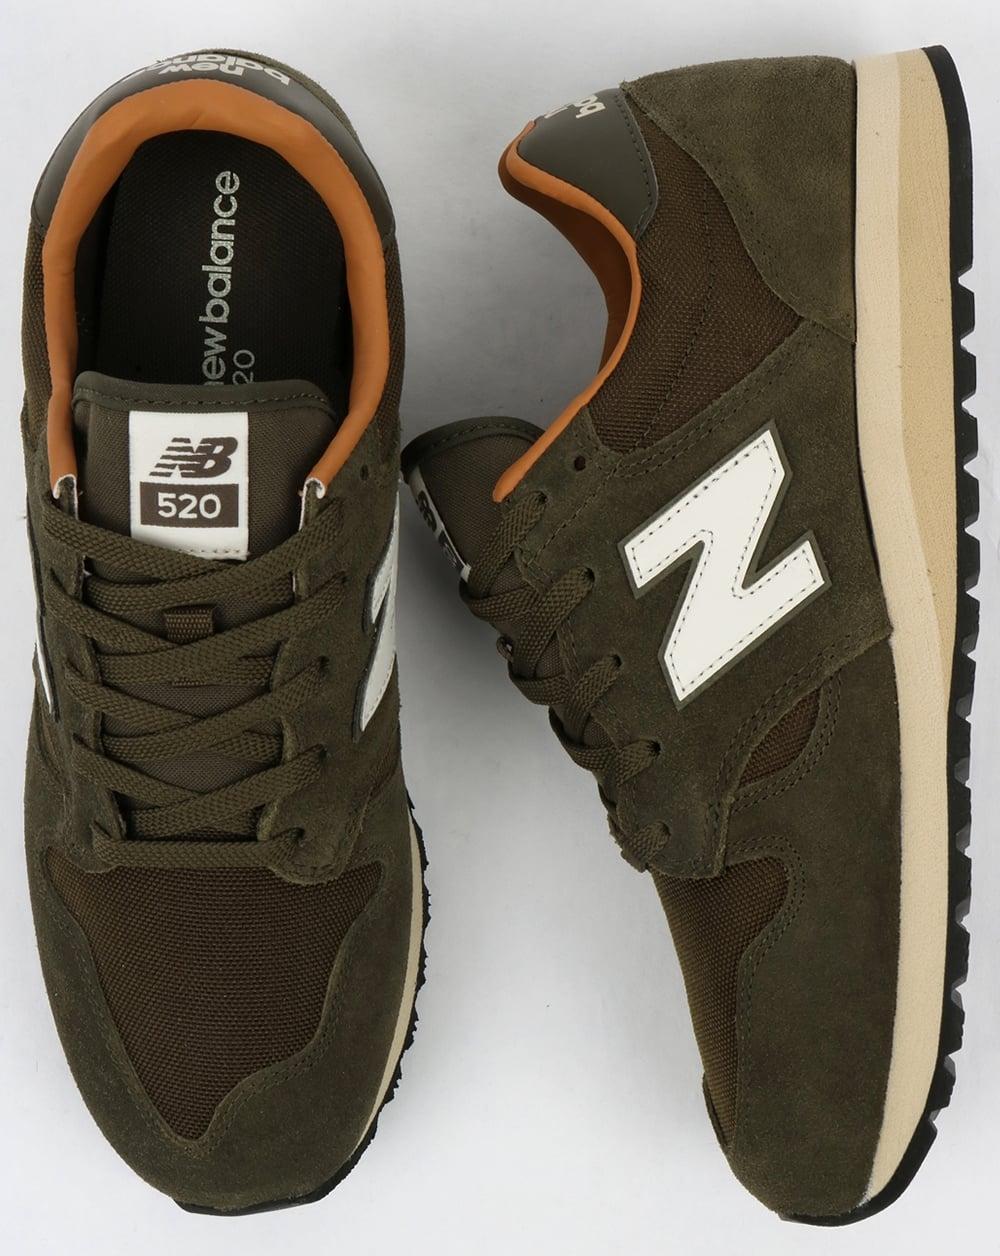 new balance 520 khaki